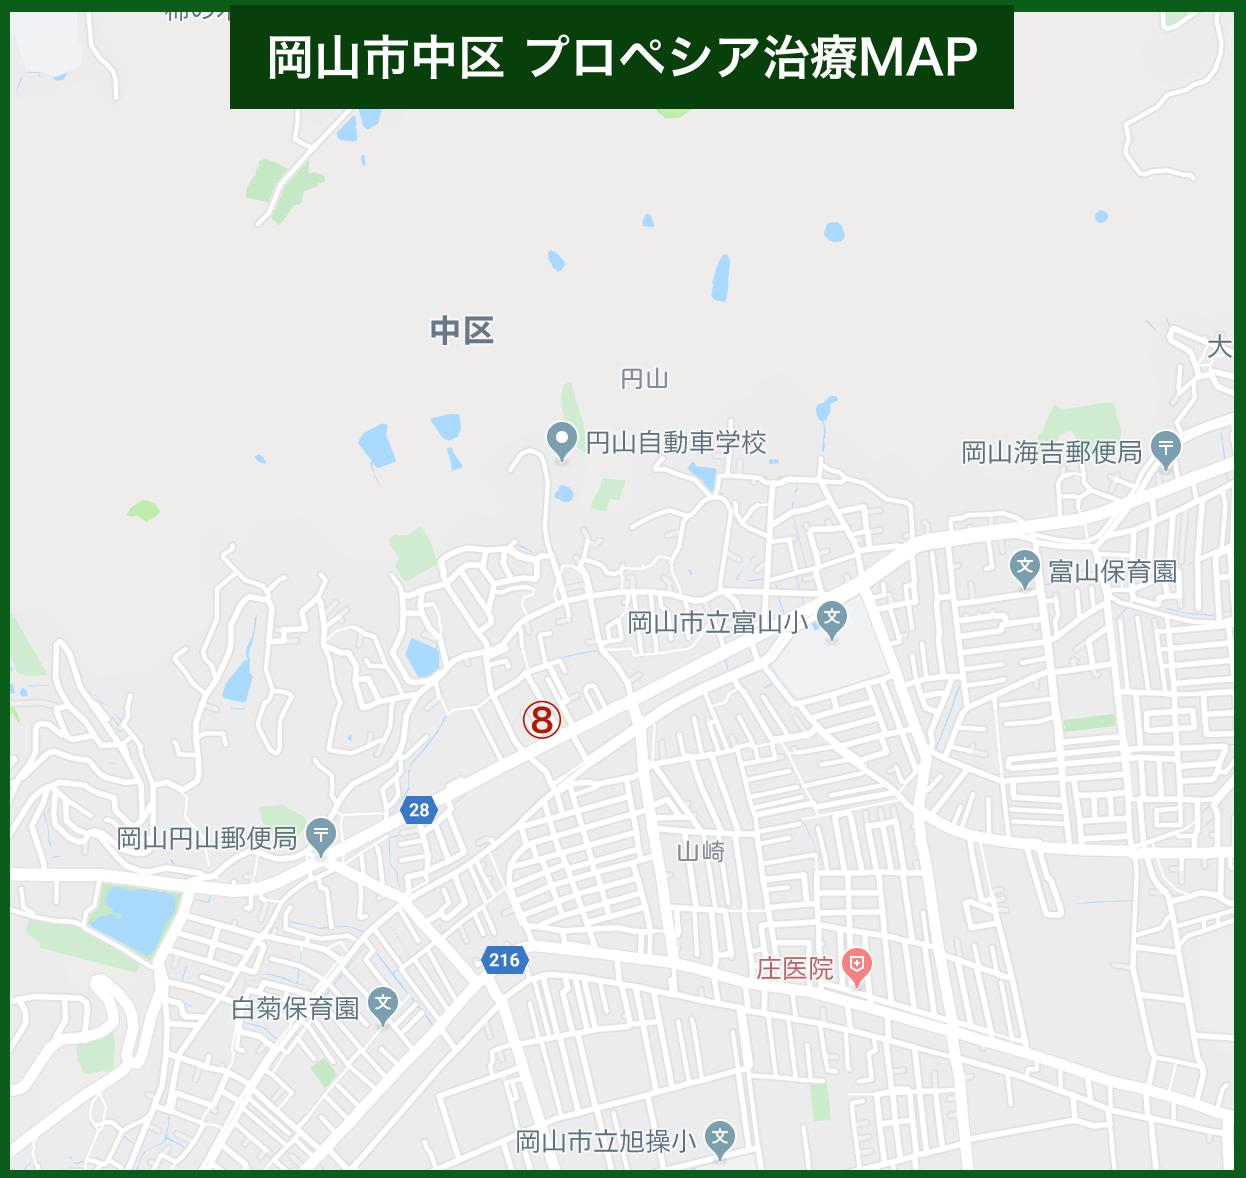 岡山市中区 プロペシア治療MAP